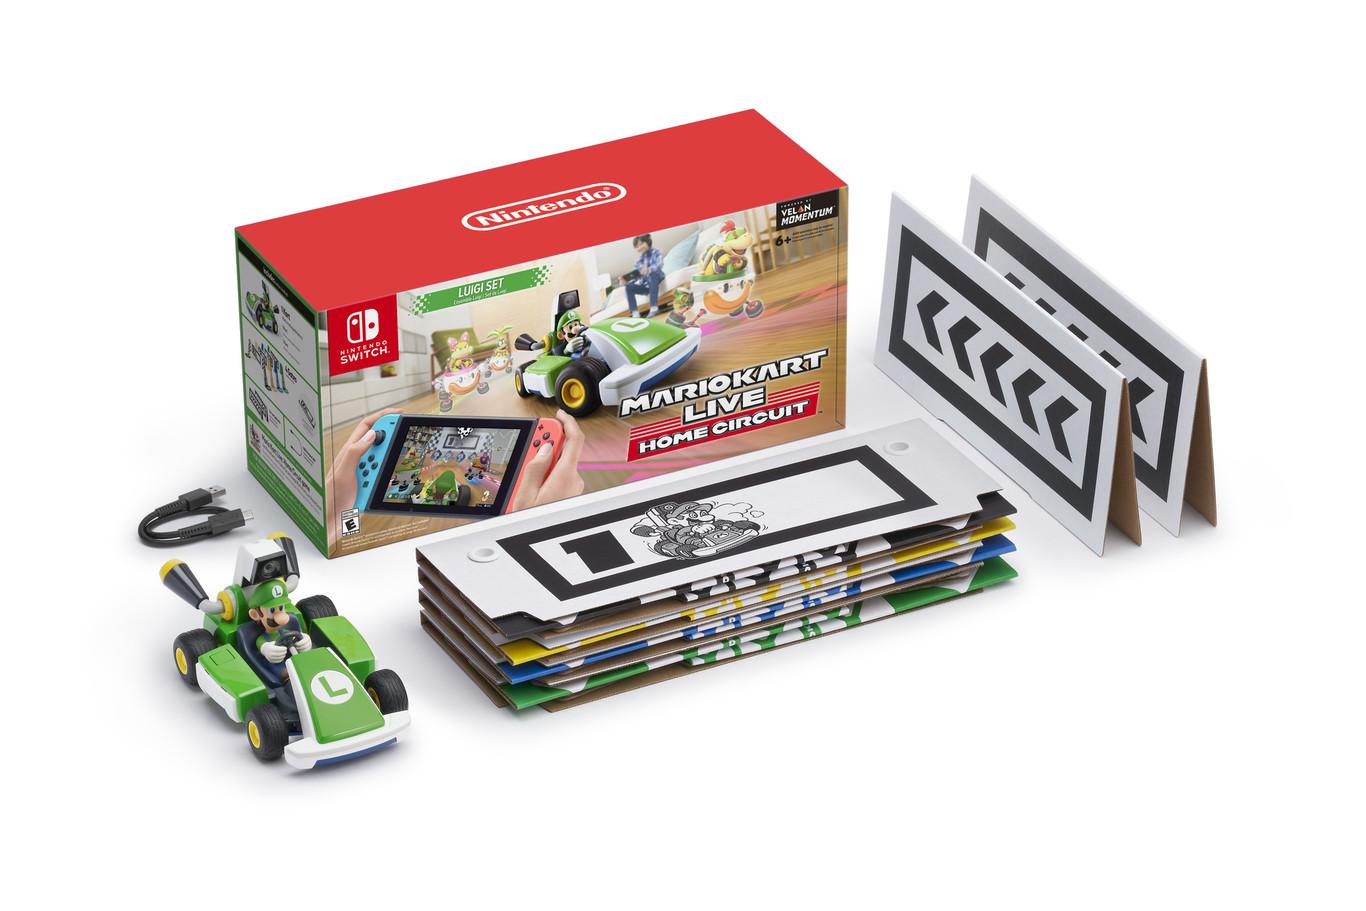 ¡Nintendo trae las carreras a la vida real con 'Mario Kart Live: Home Circuit'!